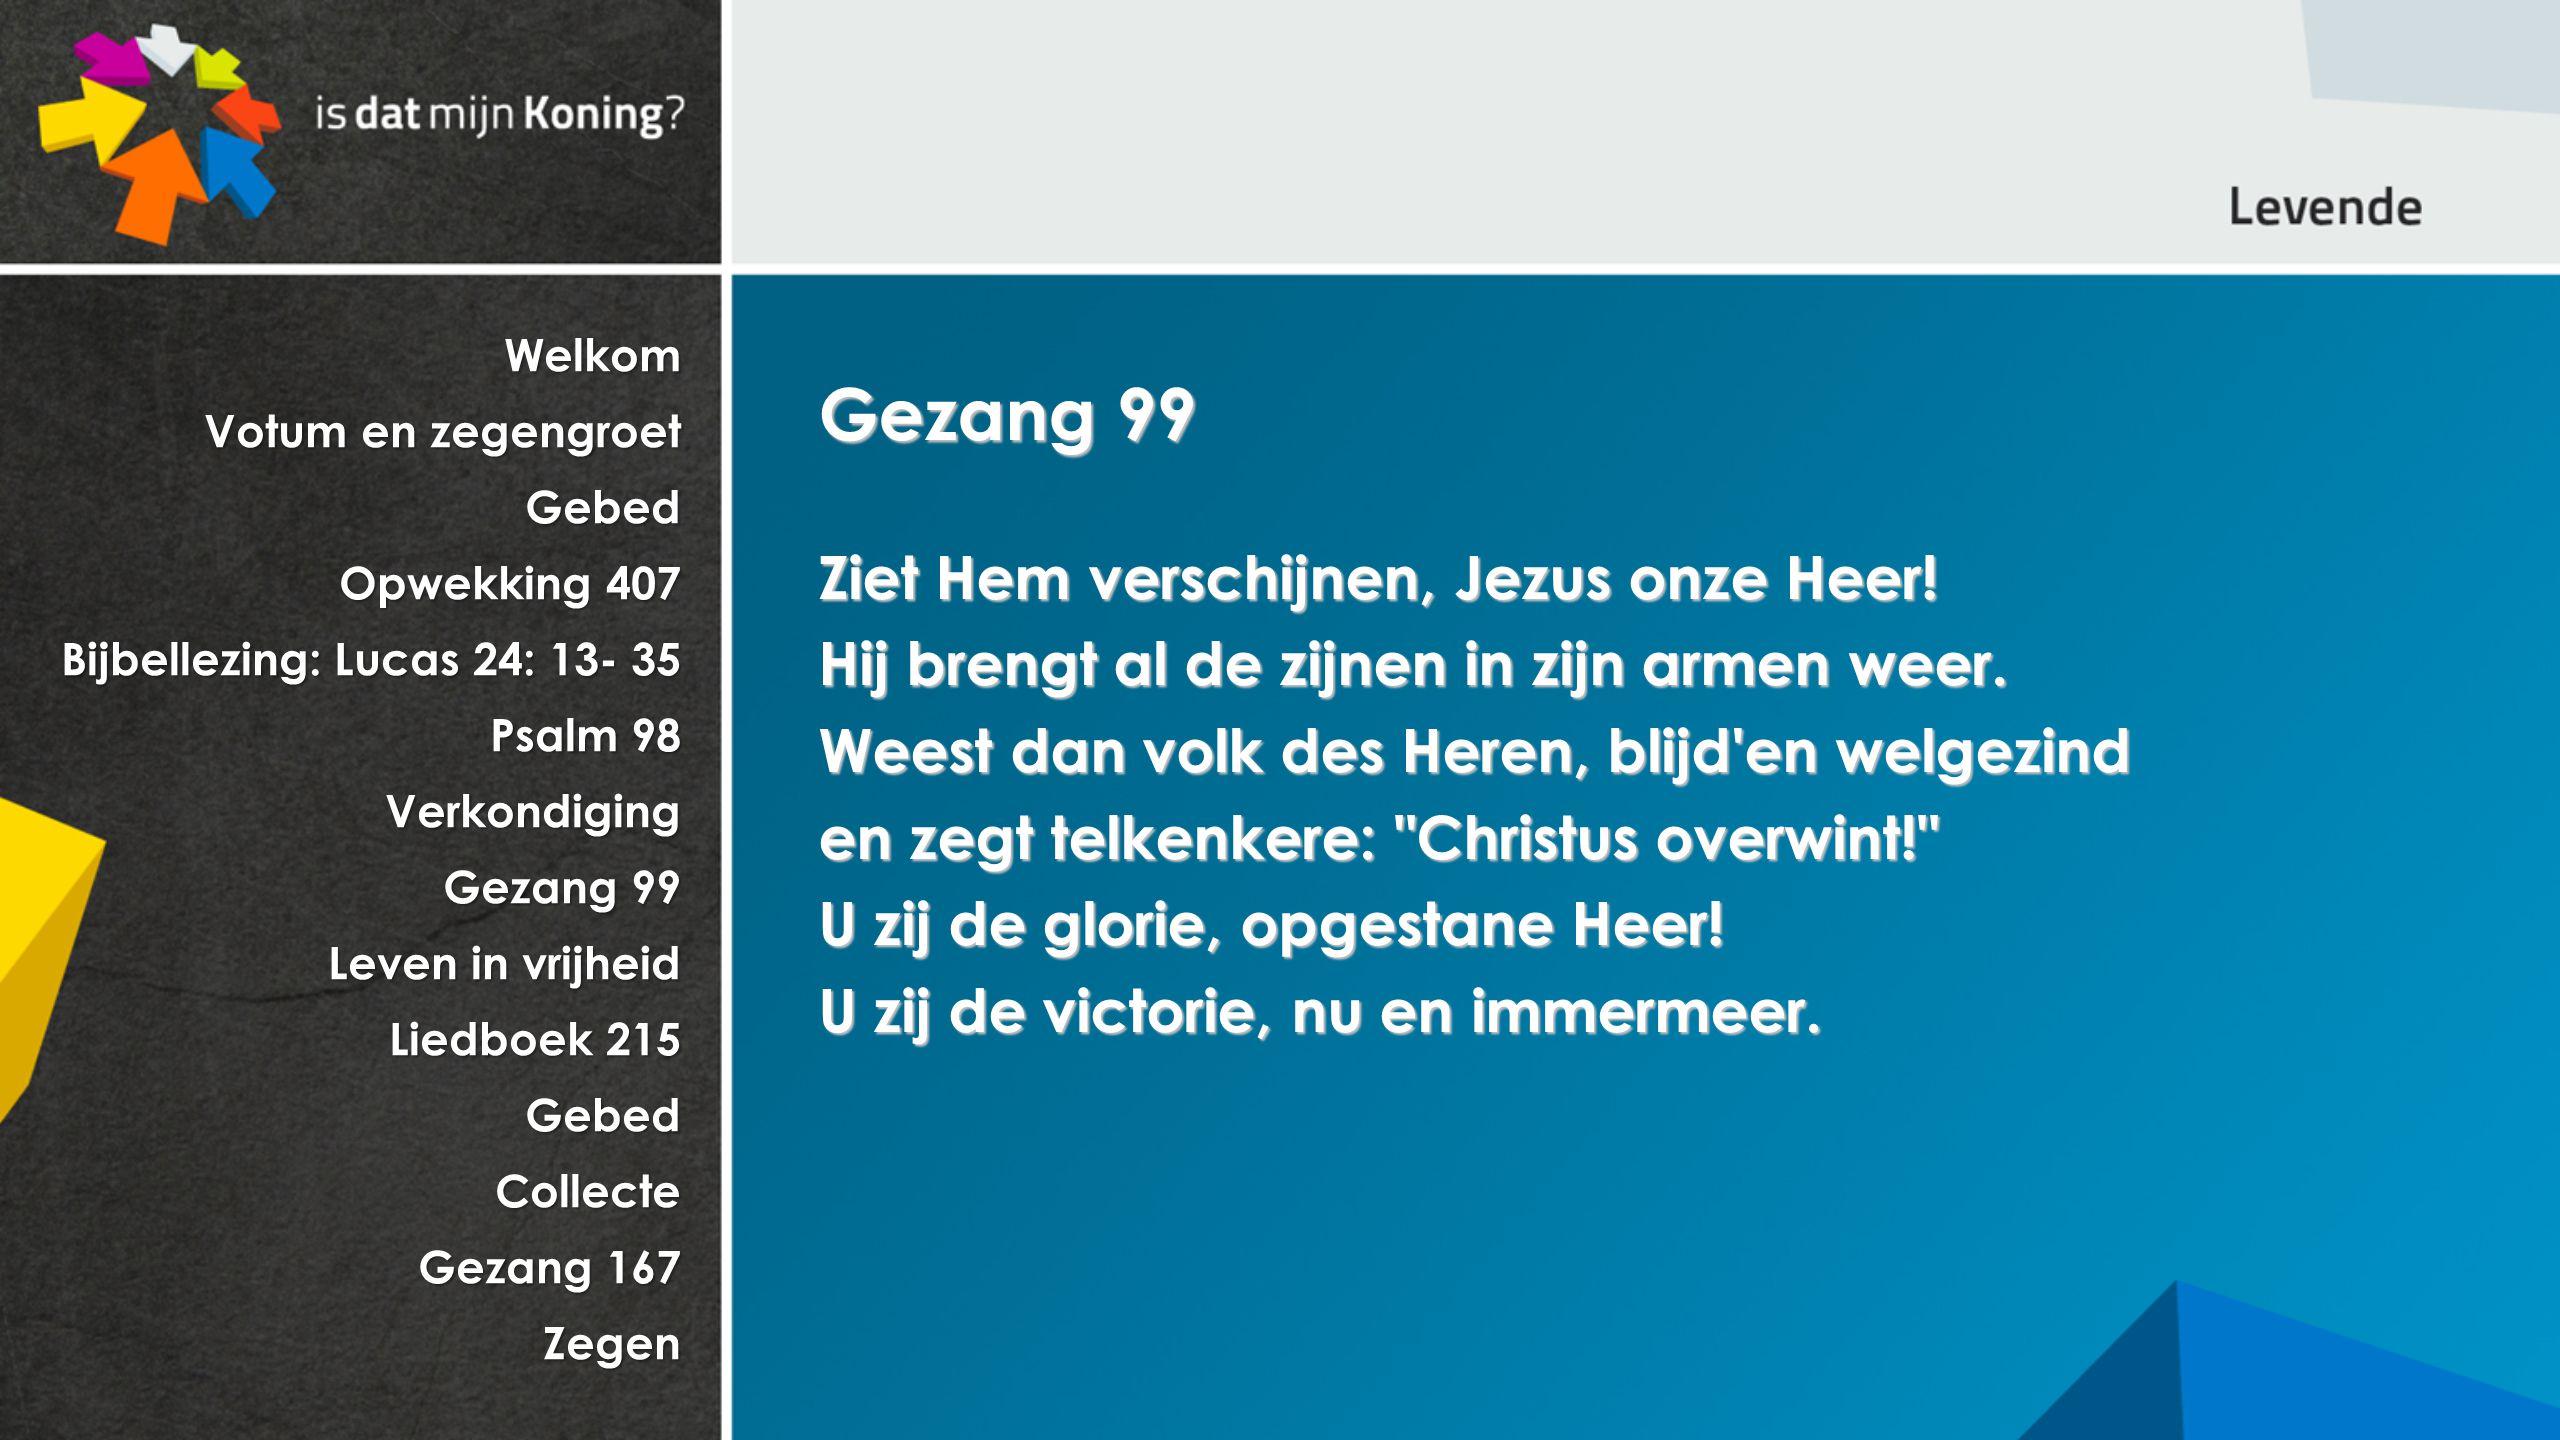 Welkom Votum en zegengroet Gebed Opwekking 407 Bijbellezing: Lucas 24: 13- 35 Psalm 98 Verkondiging Gezang 99 Leven in vrijheid Liedboek 215 GebedColl